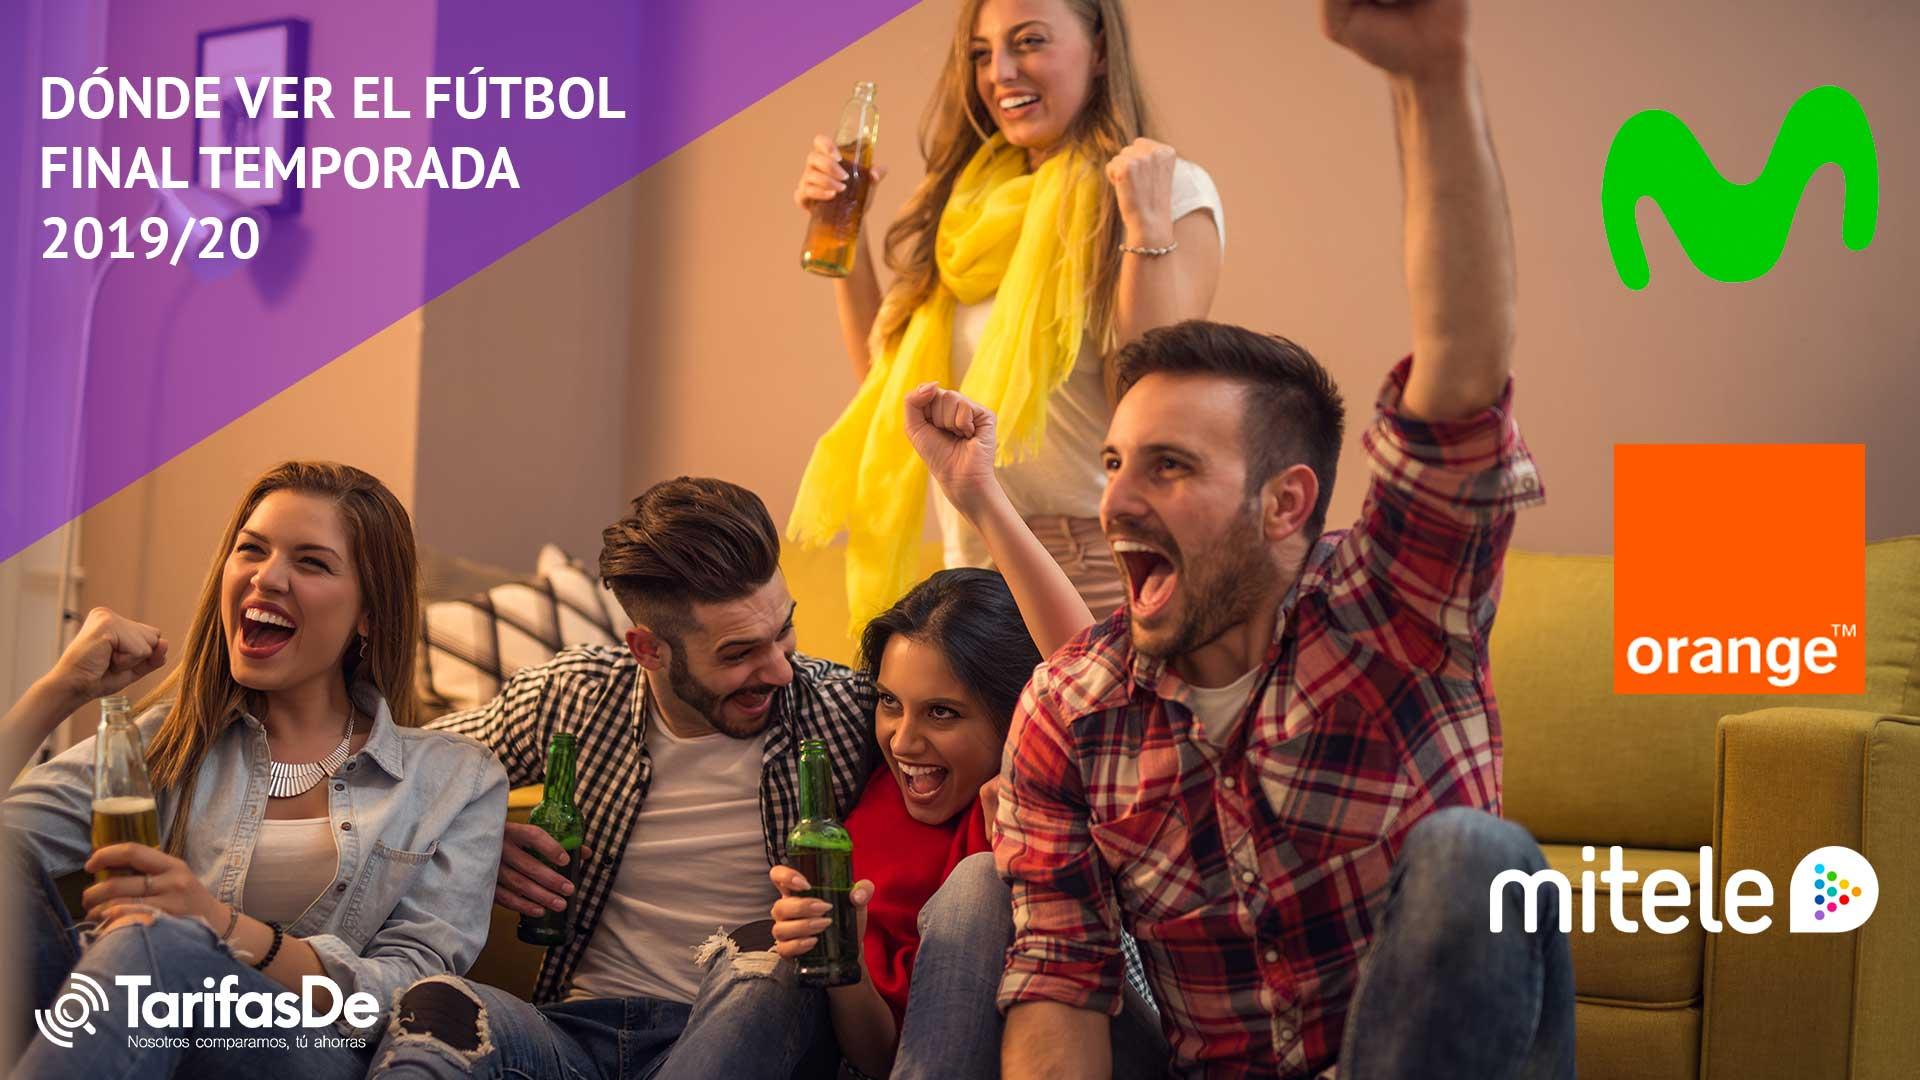 Dónde ver el fútbol final temporada 2020